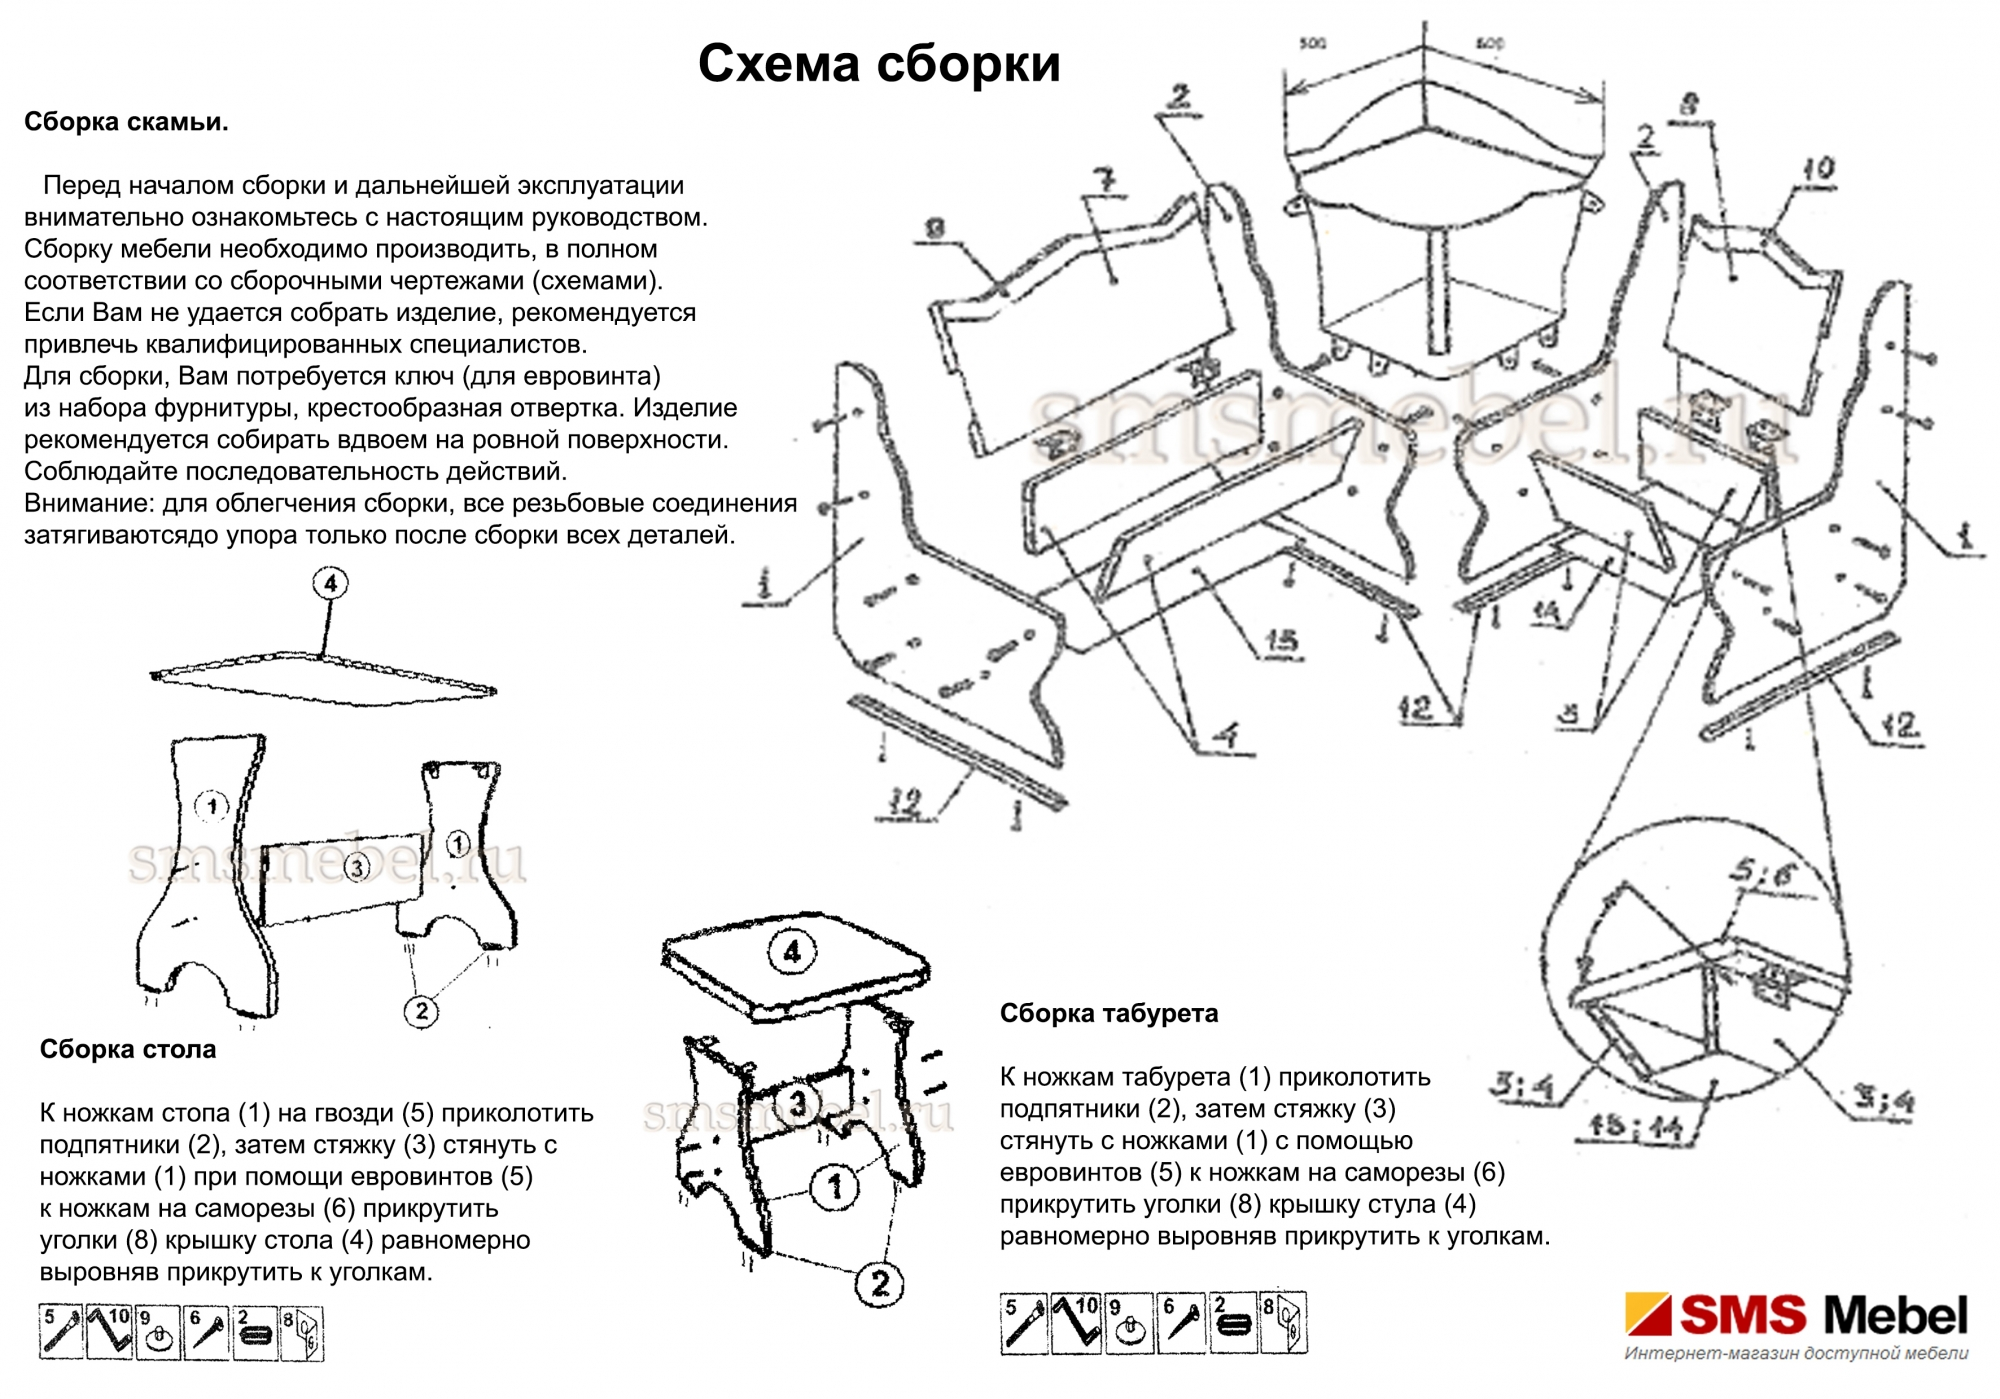 Мебель своими руками чертежи схемы и инструкции